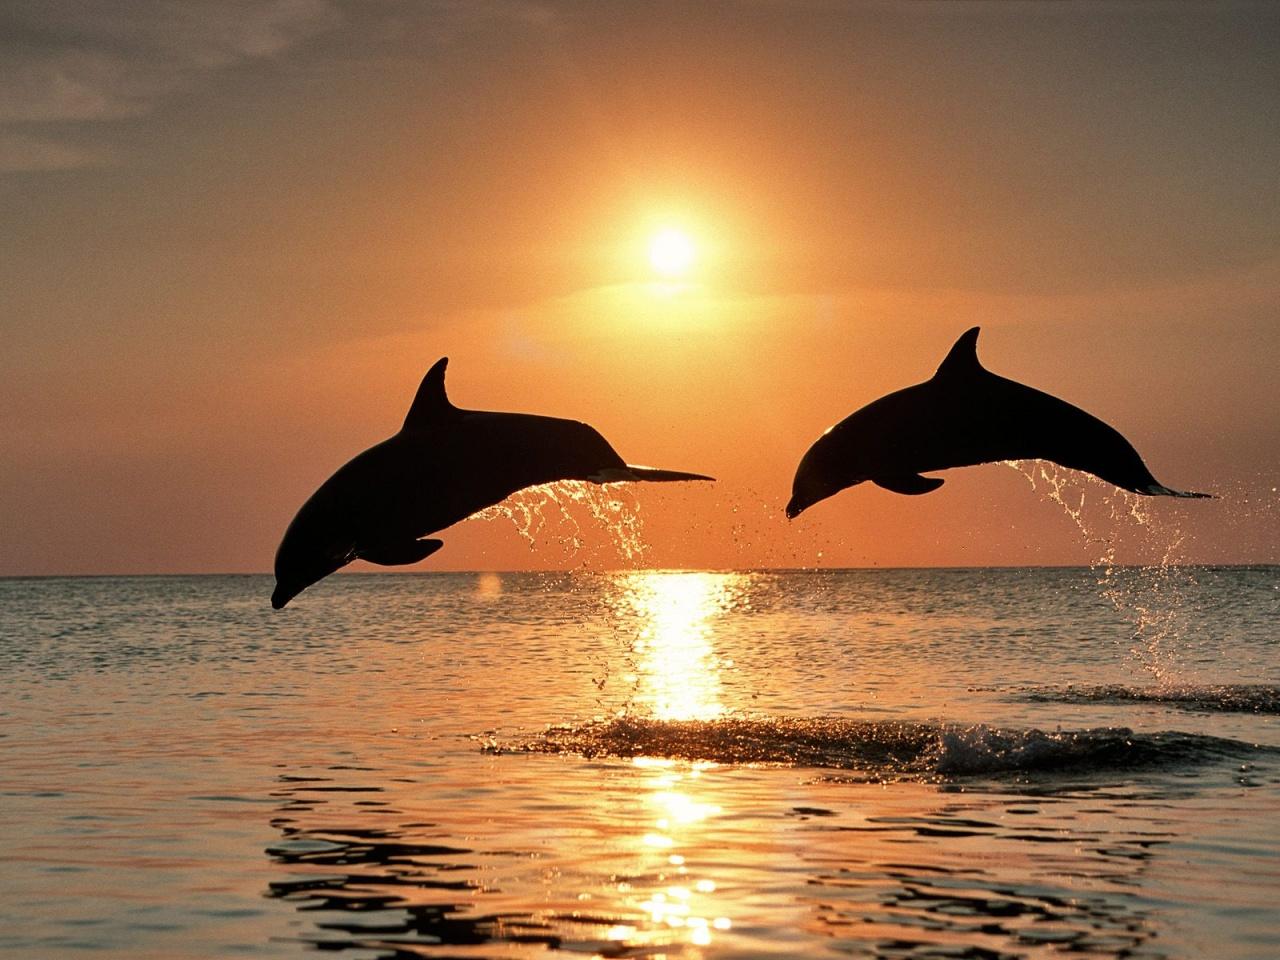 http://2.bp.blogspot.com/-ZLG152x8gEY/UJPGekxRbxI/AAAAAAAAJn0/BRW8-gu891s/s1600/Bottlenose+Dolphins+Sunset+Wallpaper.jpg